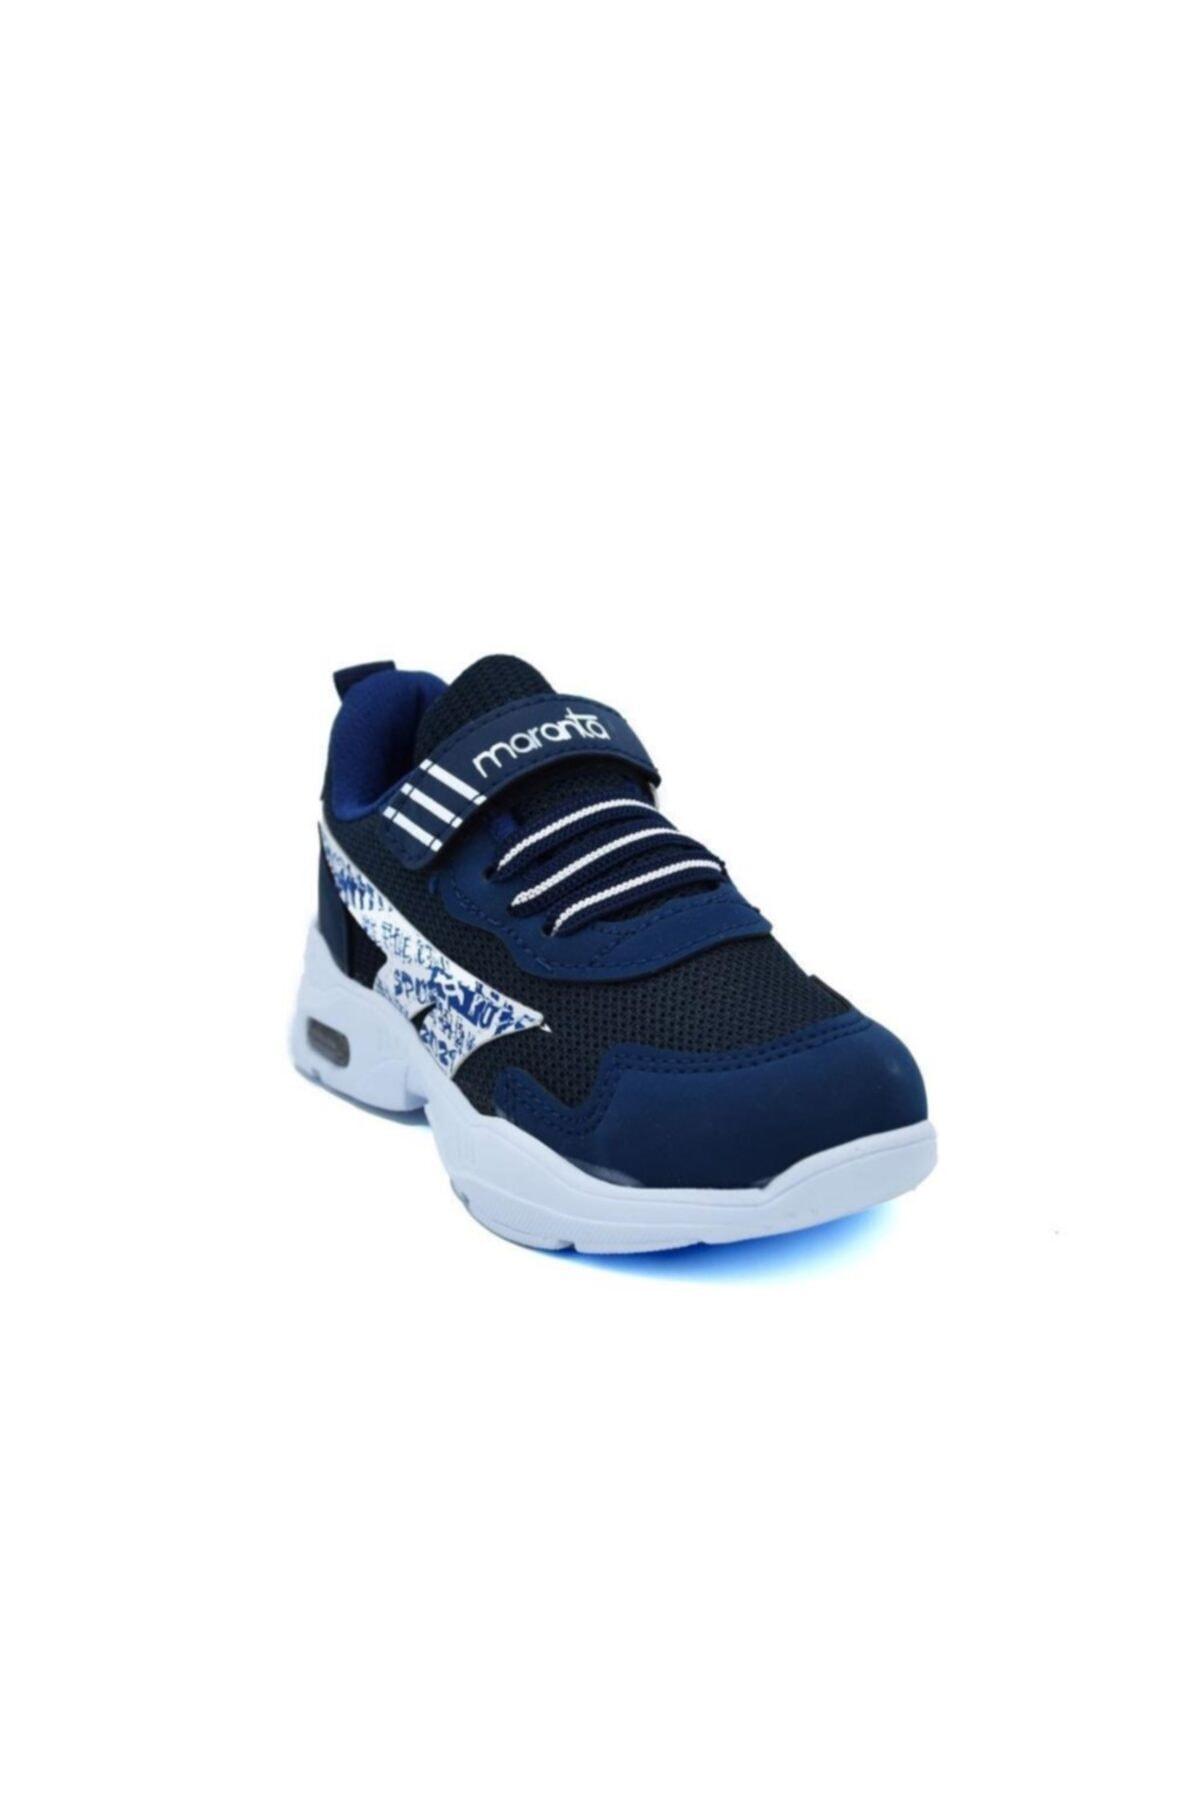 Erkek Çocuk Lacivert Işıklı Spor Ayakkabı